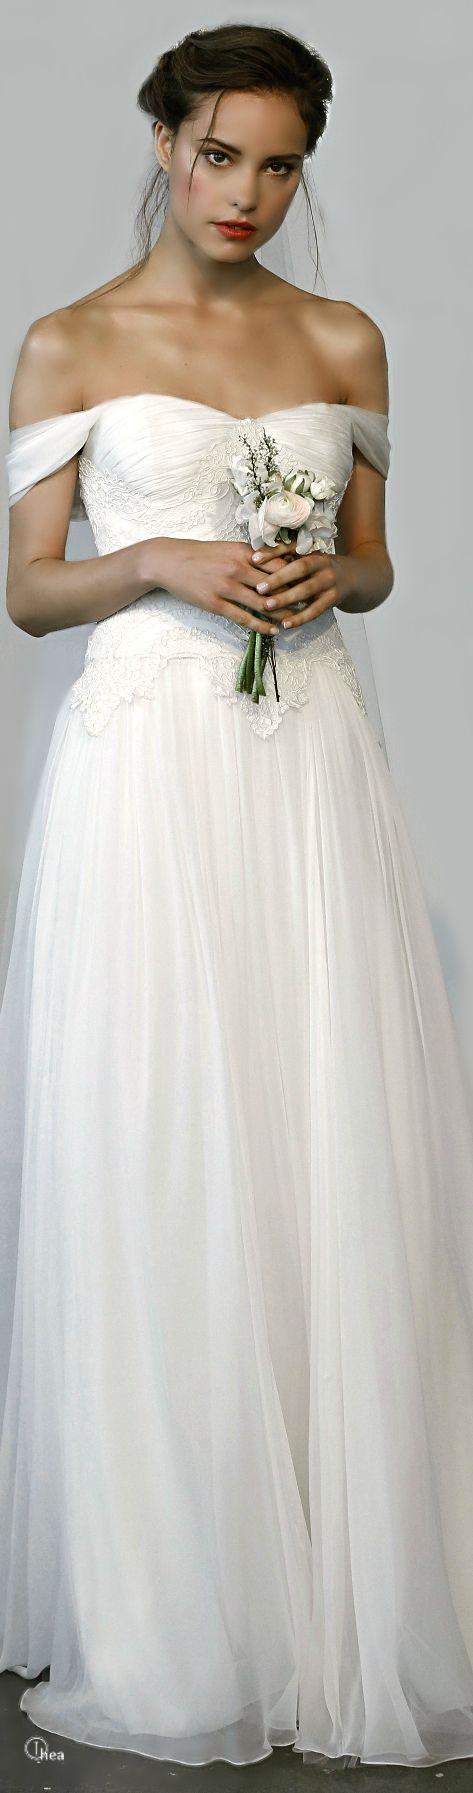 Marchesa Bridal ● Spring 2015 wedding dress